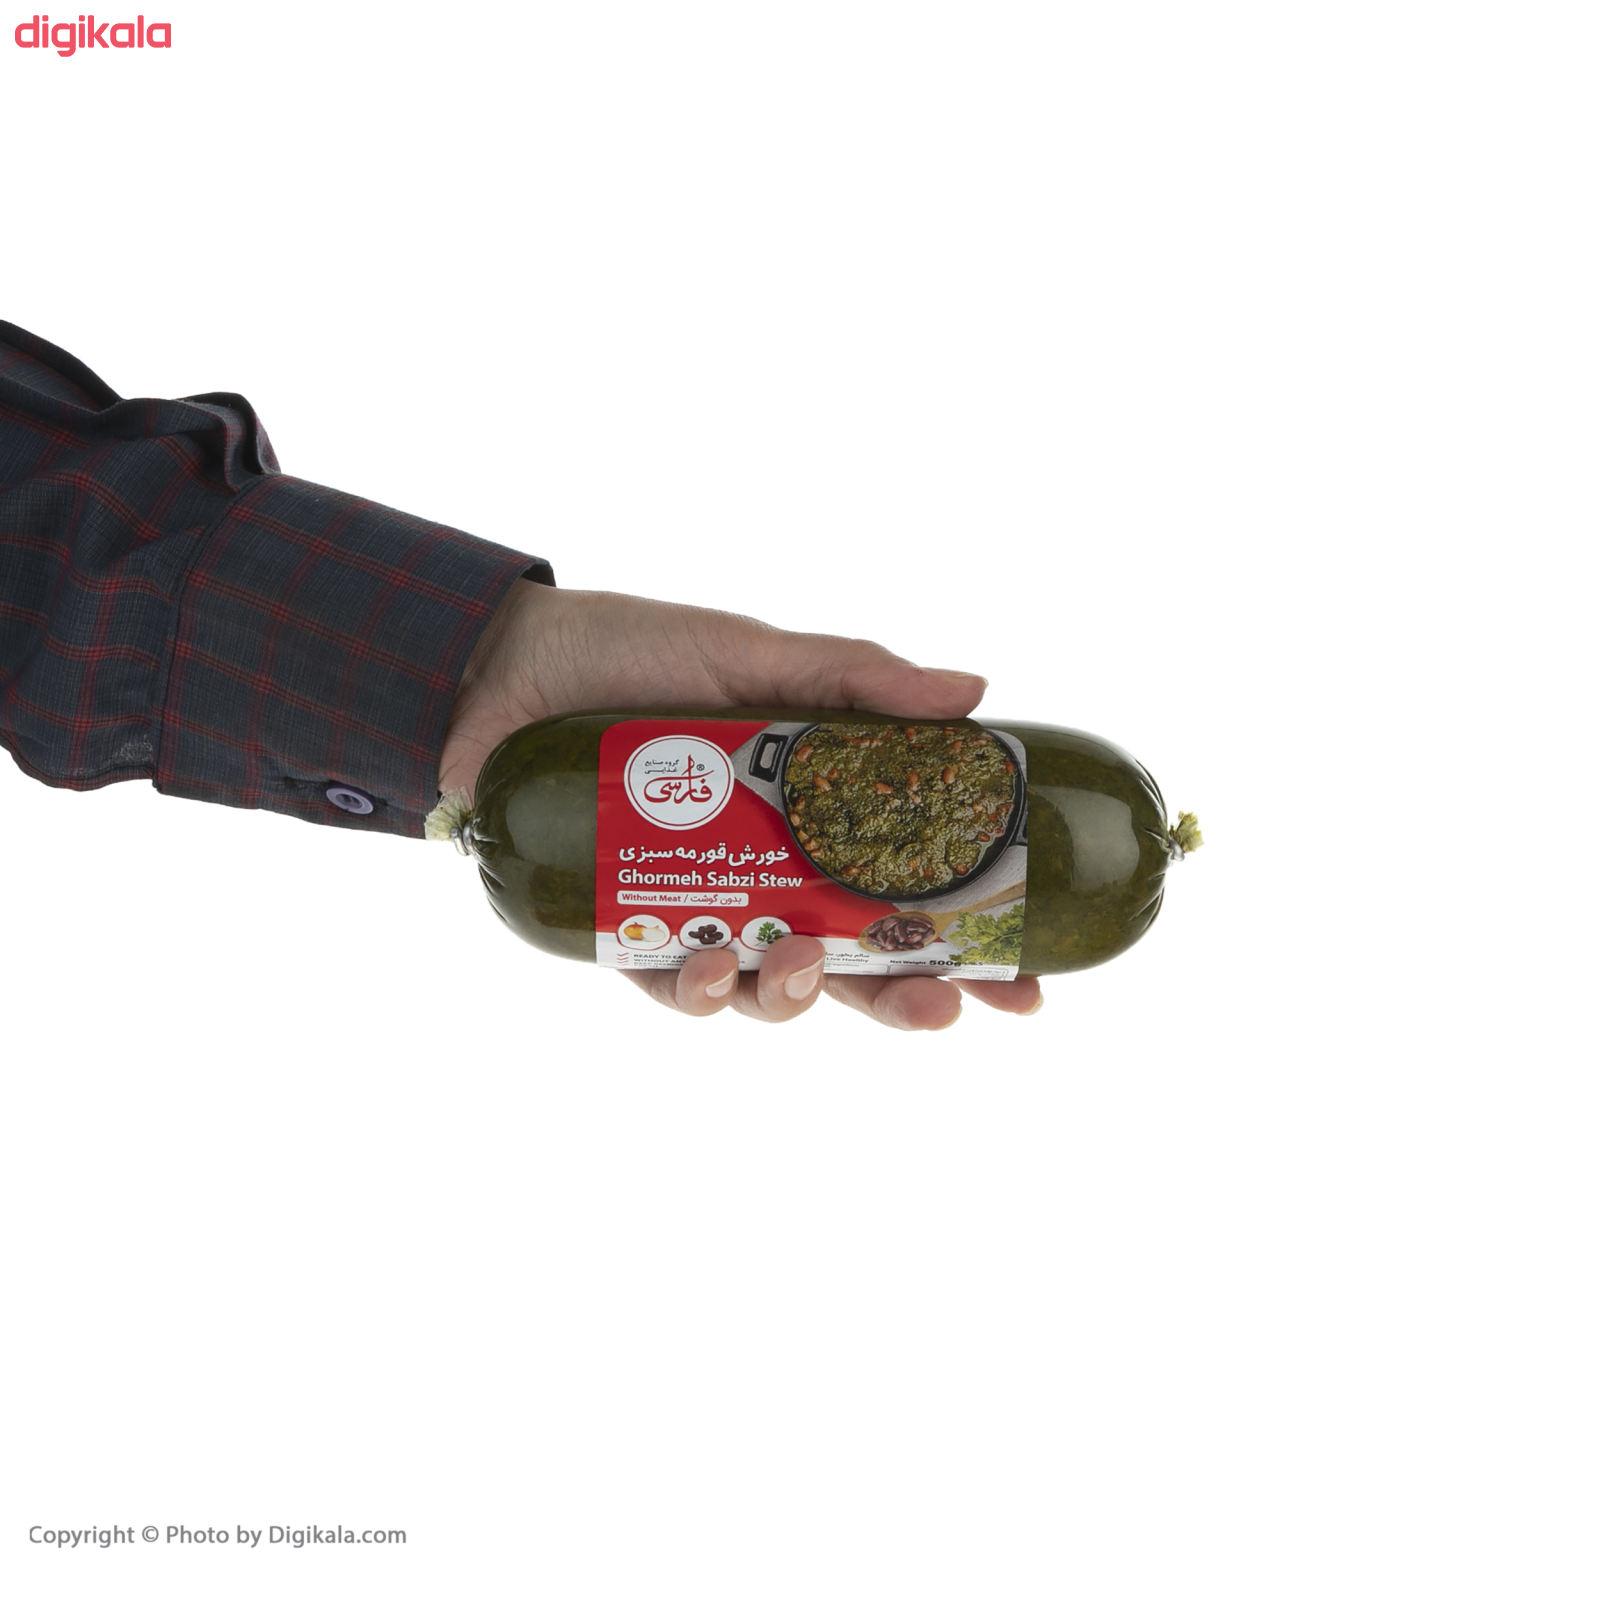 خورش قورمه سبزی بدون گوشت فارسی - 500 گرم  main 1 1